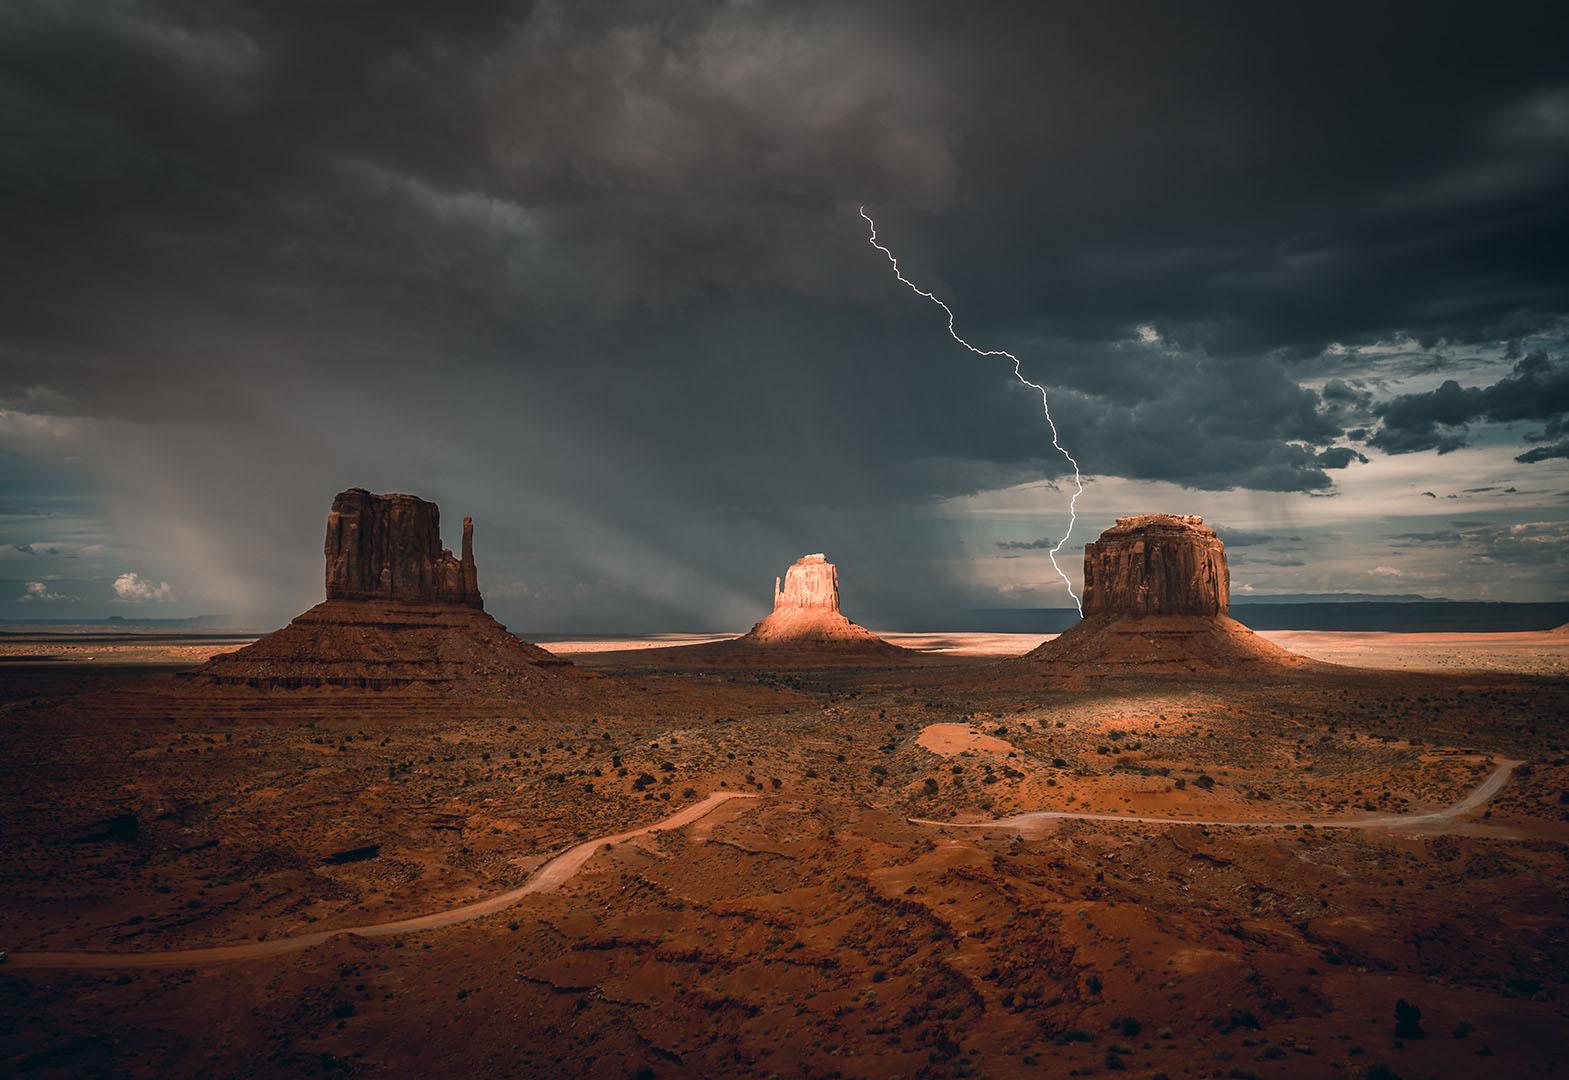 Landscape 2021 Photo Contest at 365 Photo Contest